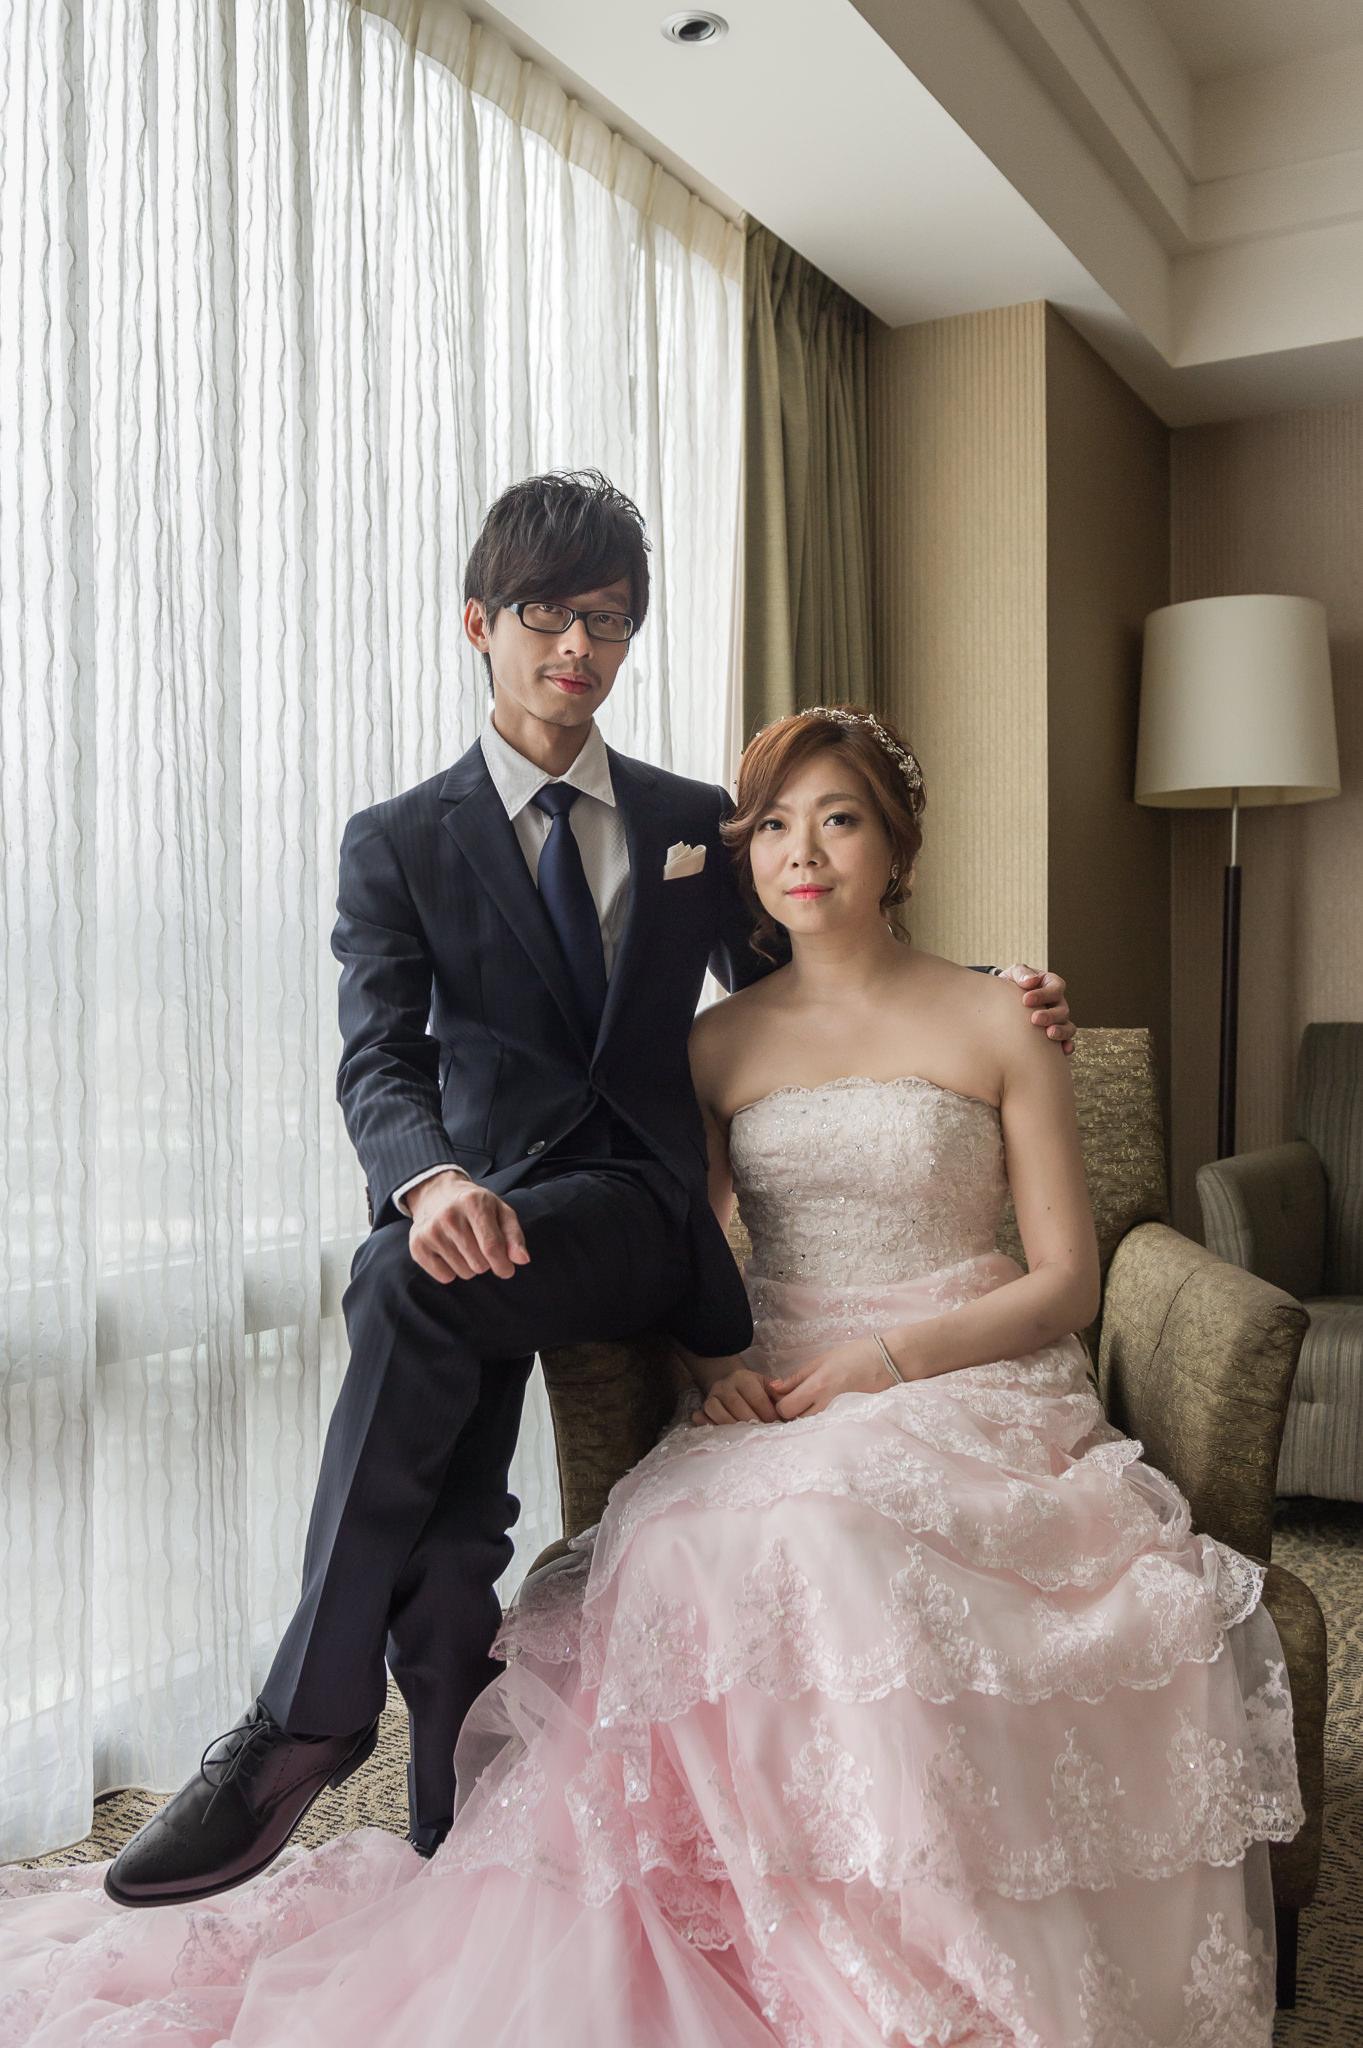 婚禮紀錄,中和婚攝,唯揚,思亭,中和環球華漾大飯店,婚攝,銘傳,Flylove